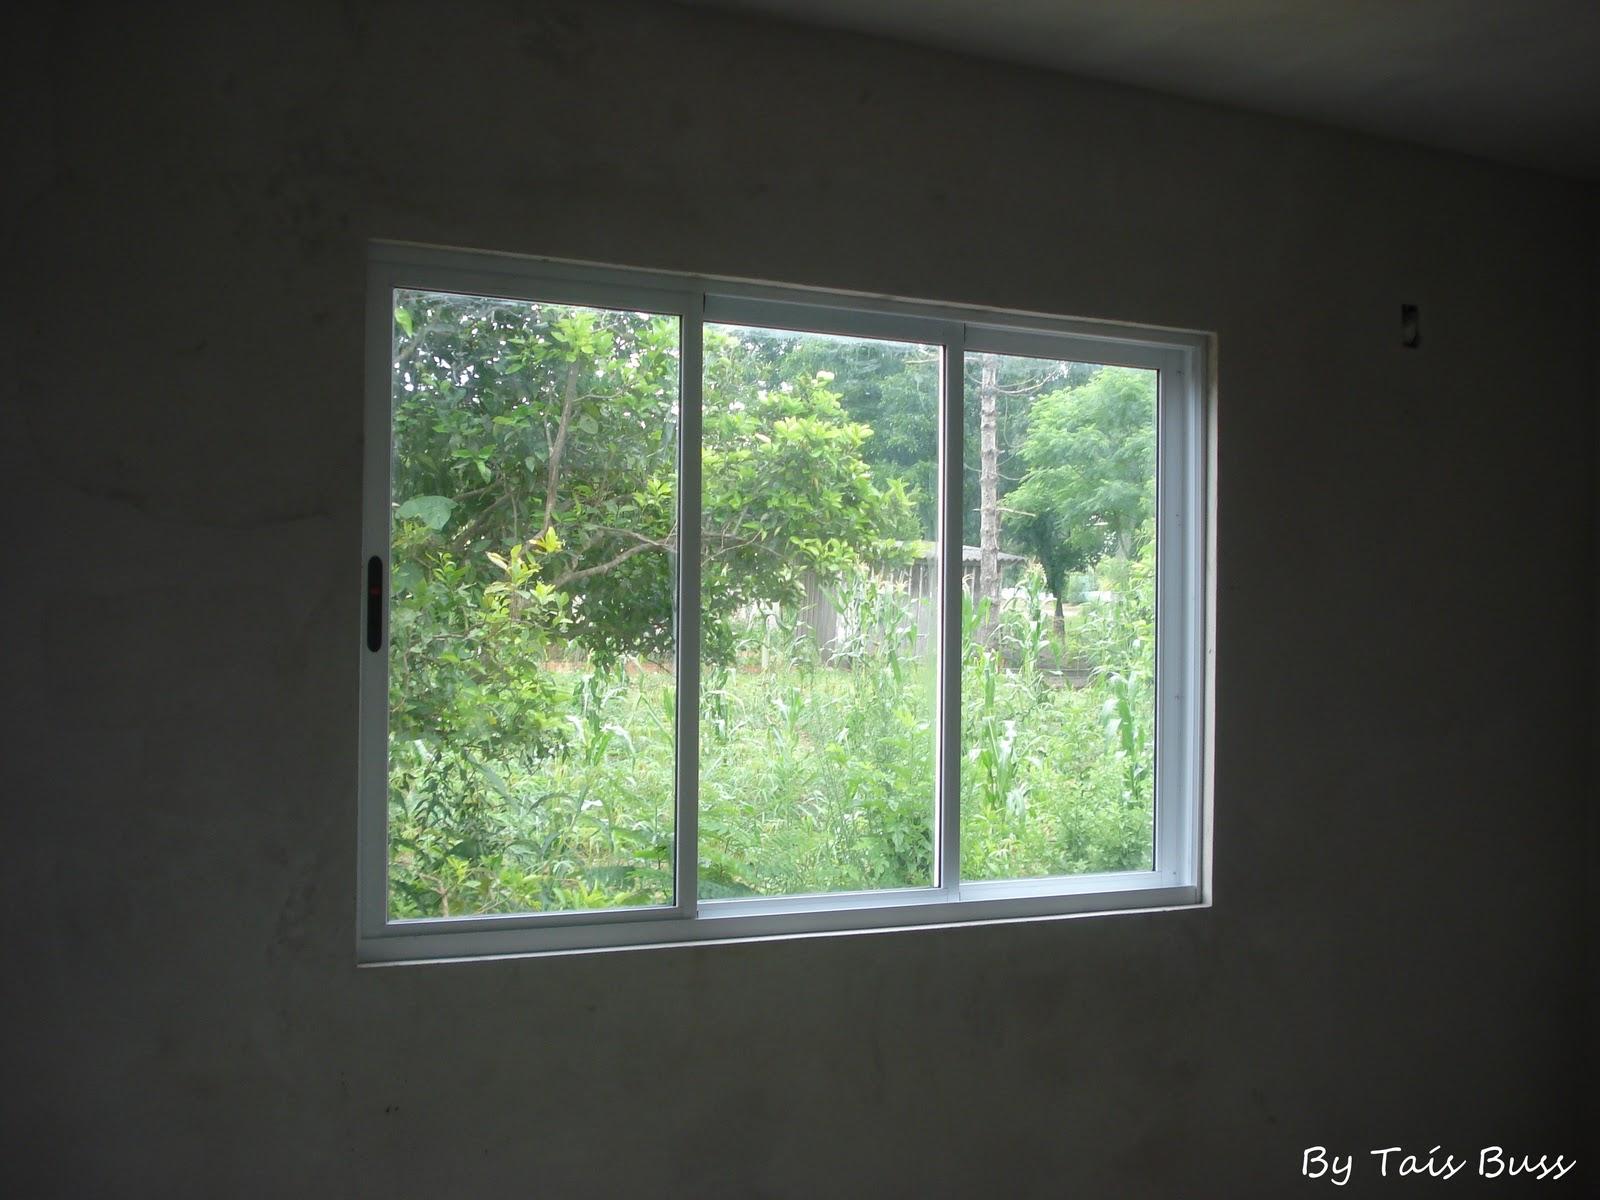 #629239 Perfeito Jardim !: A casinha já tem janelas!! 1970 Janela De Aluminio Usada Em Bh